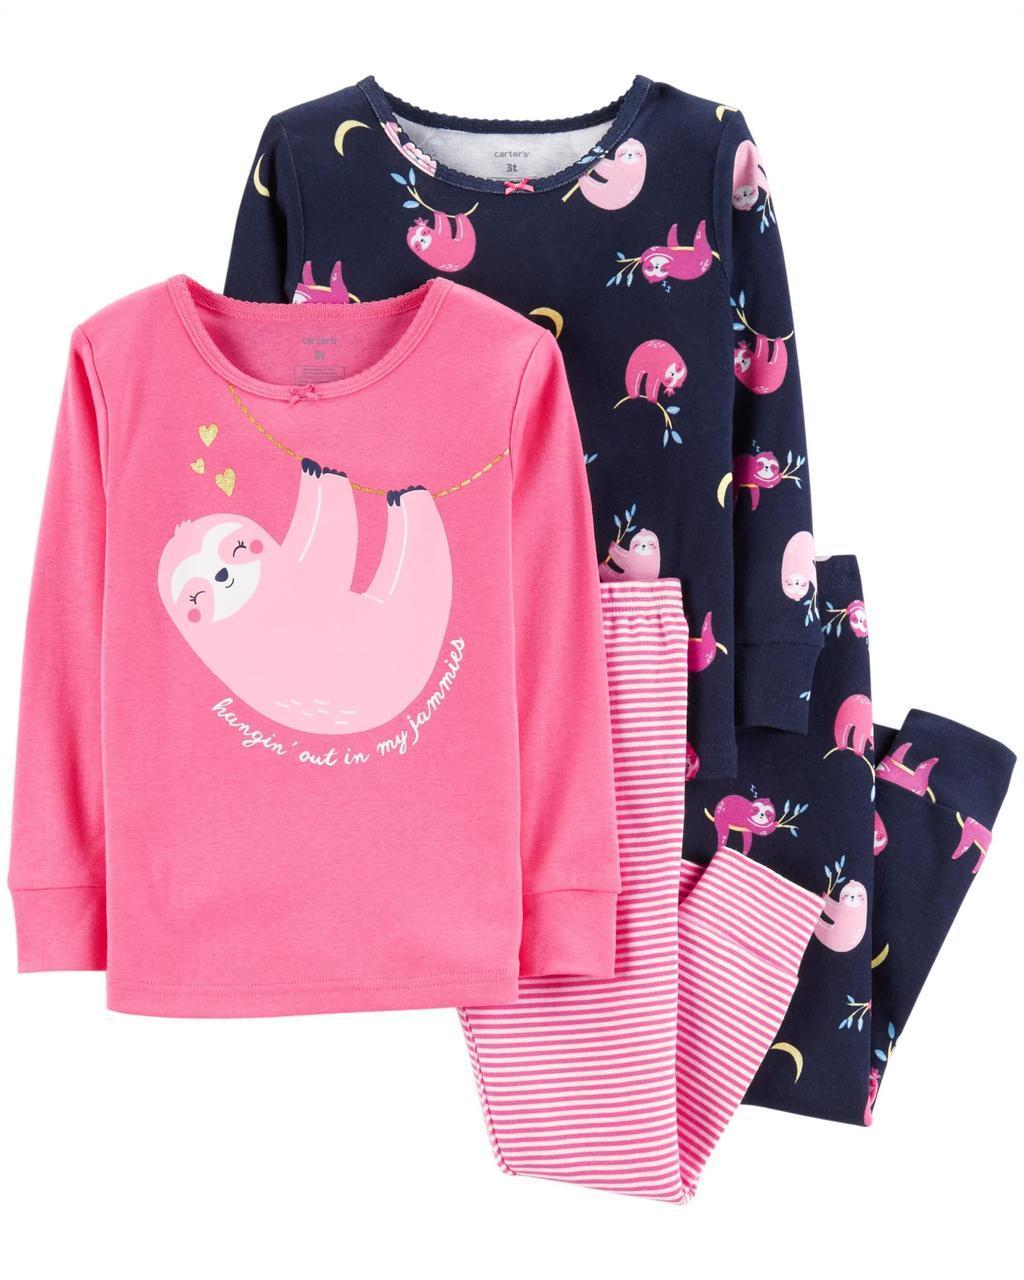 Пижама Картерс (Carter's) для девочки 2Т( 88-93 см) темная